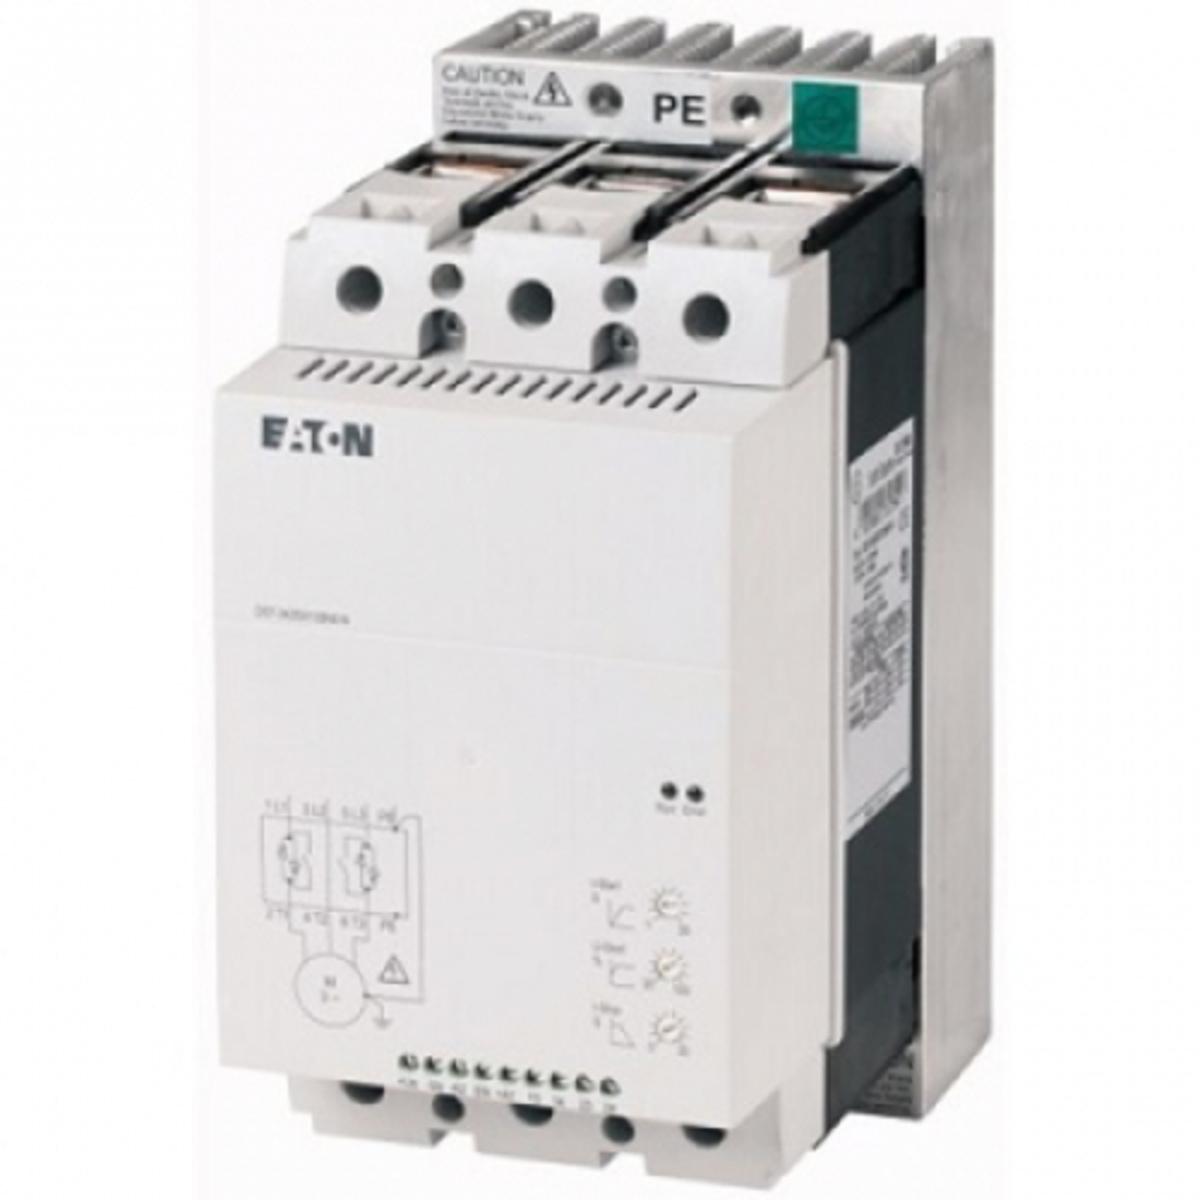 SOFT STARTER 32A COMANDO 110/220V 3P 32A DS7-342SX032N0-N EATON